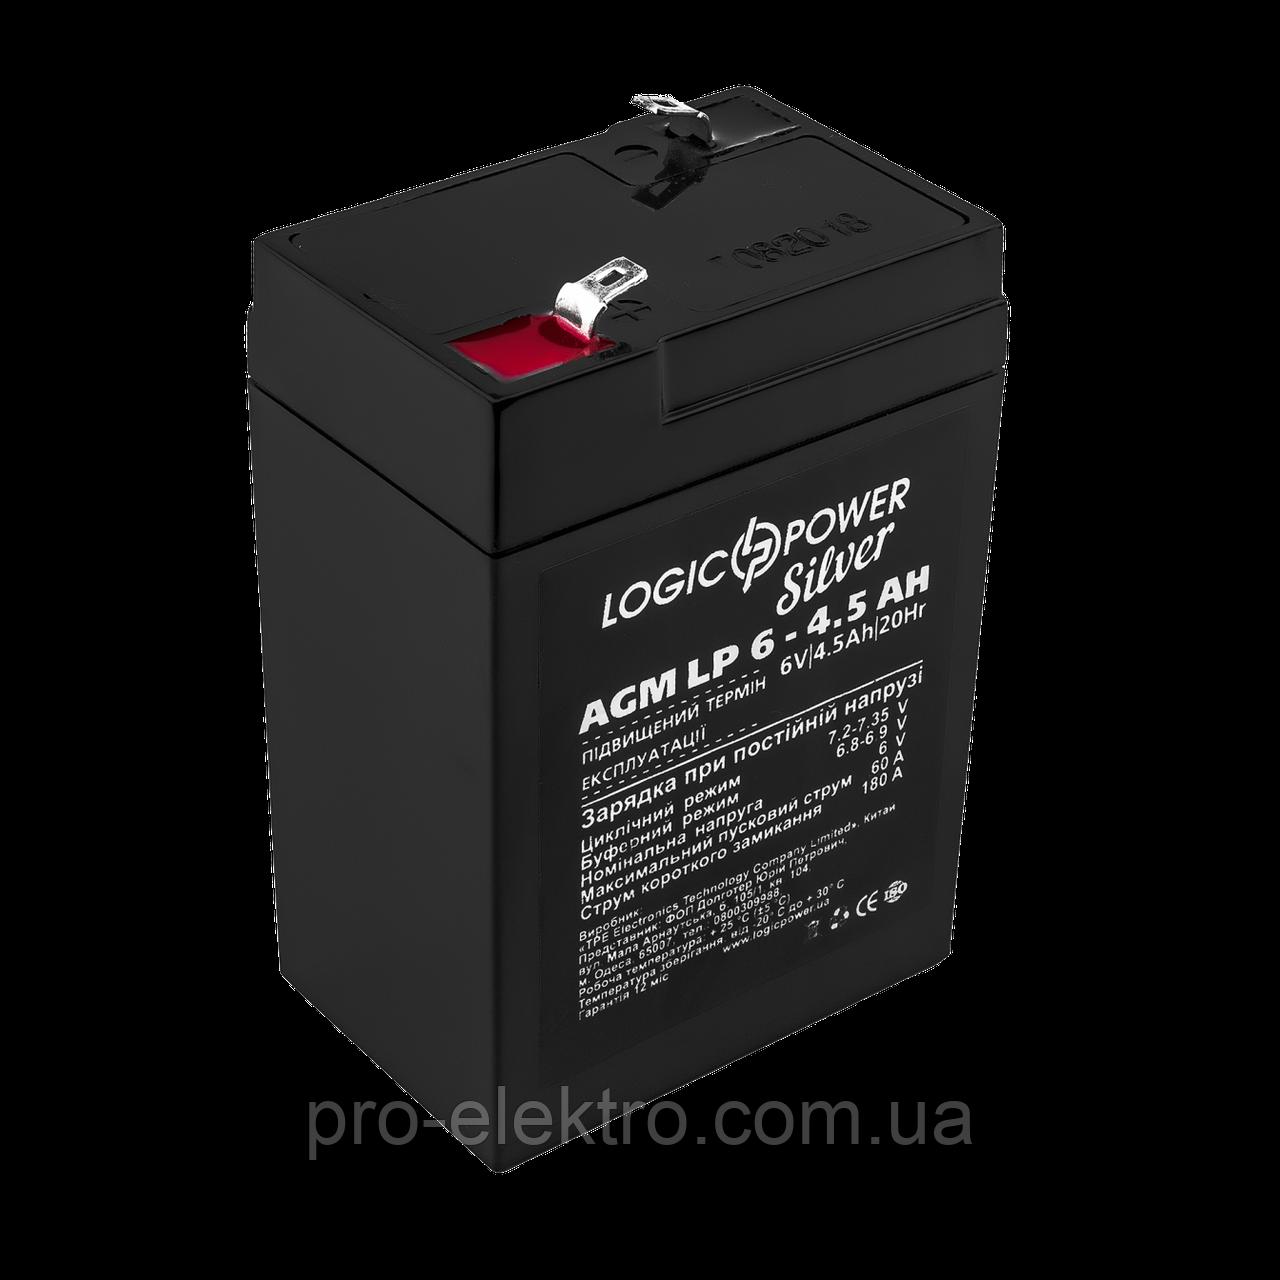 Аккумулятор AGM LogicPower LP 6-4,5 AH SILVER